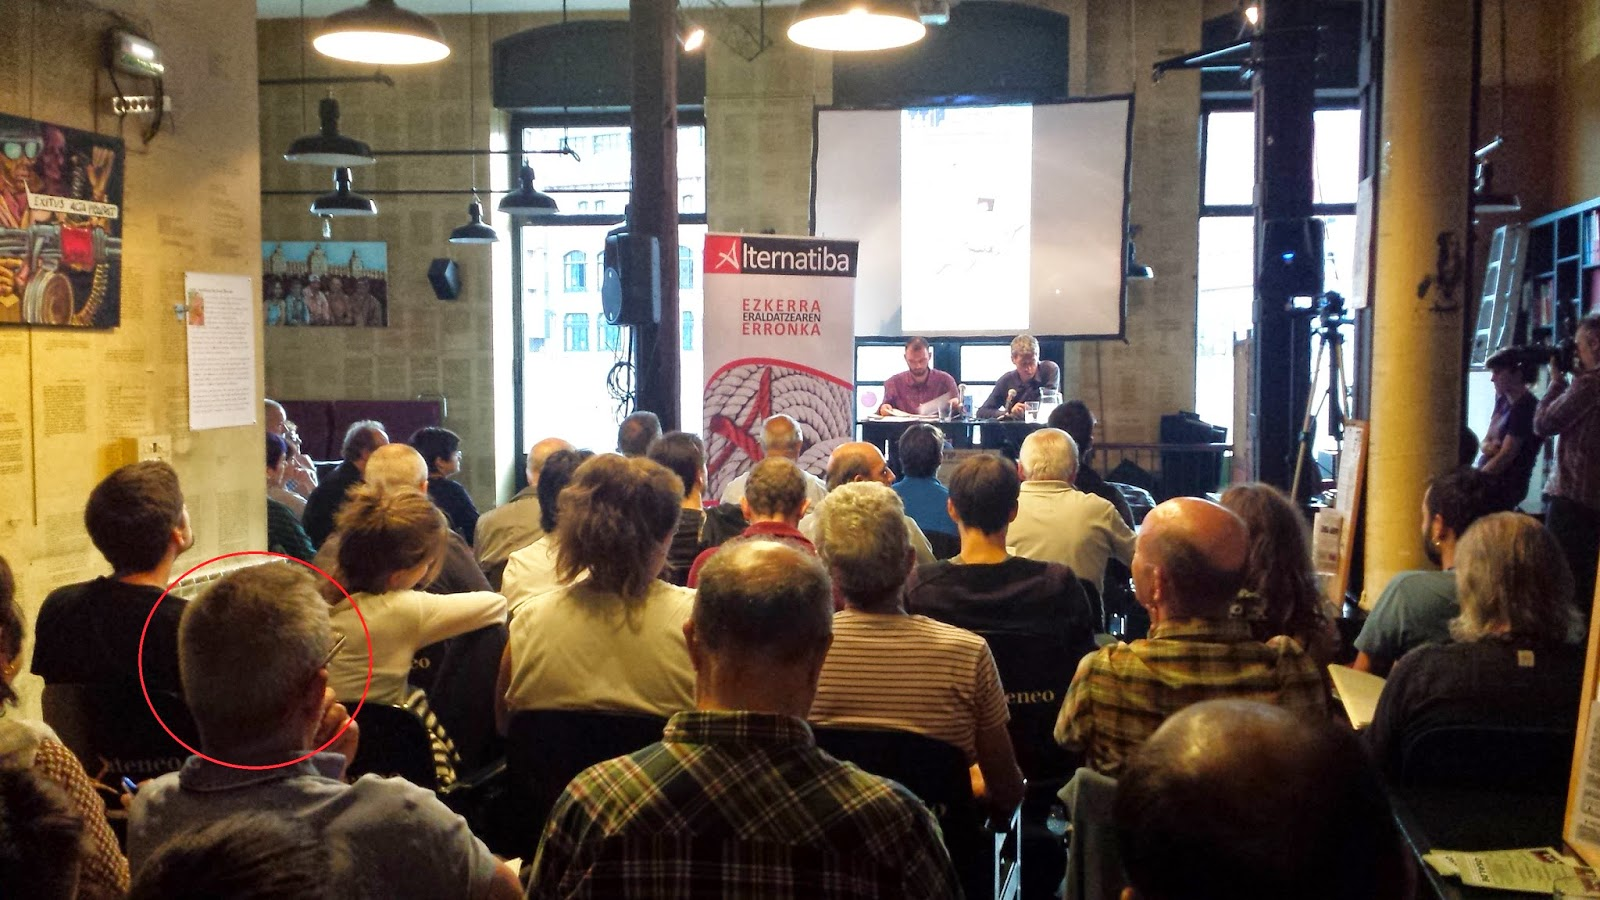 charla sobre el TTIP dada por Tom Kurchaz y Oscar Matutes en Bilbao